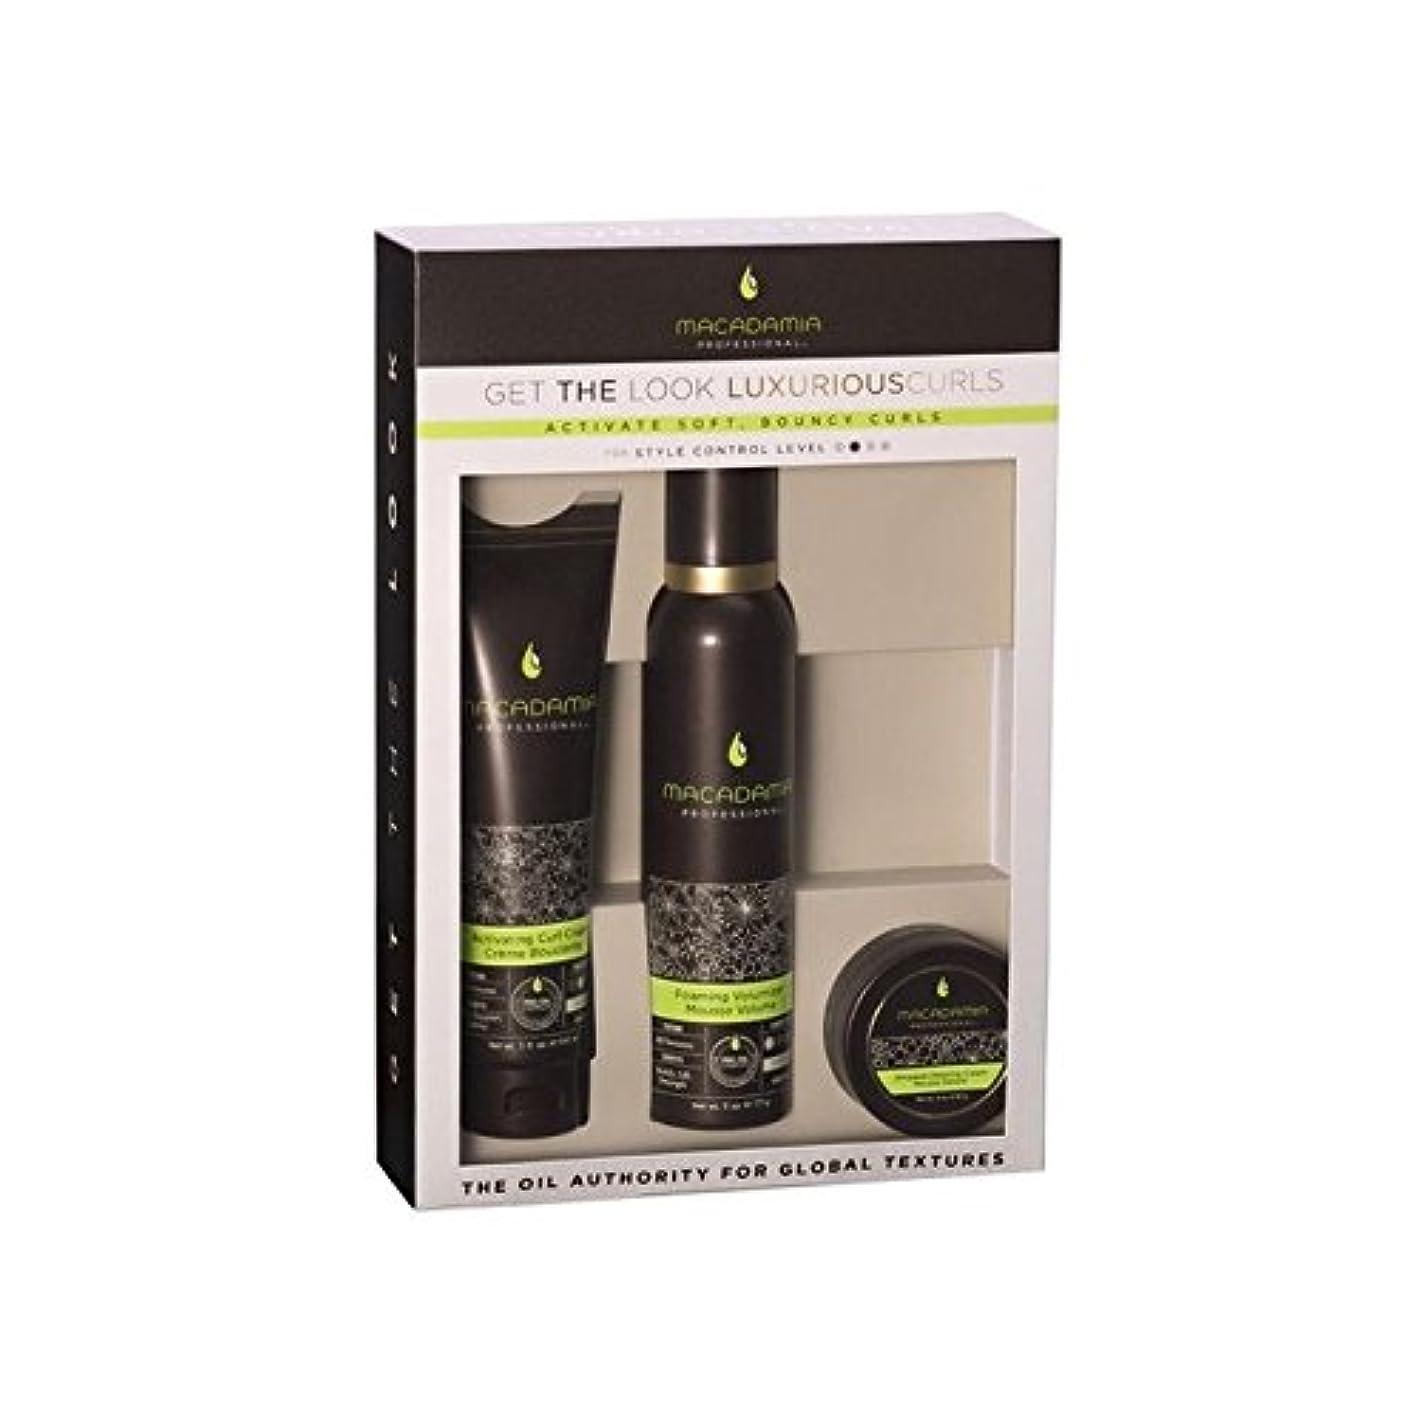 防衛先行する漁師マカダミアナチュラルオイル「外観を得る」を設定豪華なカール x2 - Macadamia Natural Oil 'Get The Look' Luxurious Curls Set (Pack of 2) [並行輸入品]